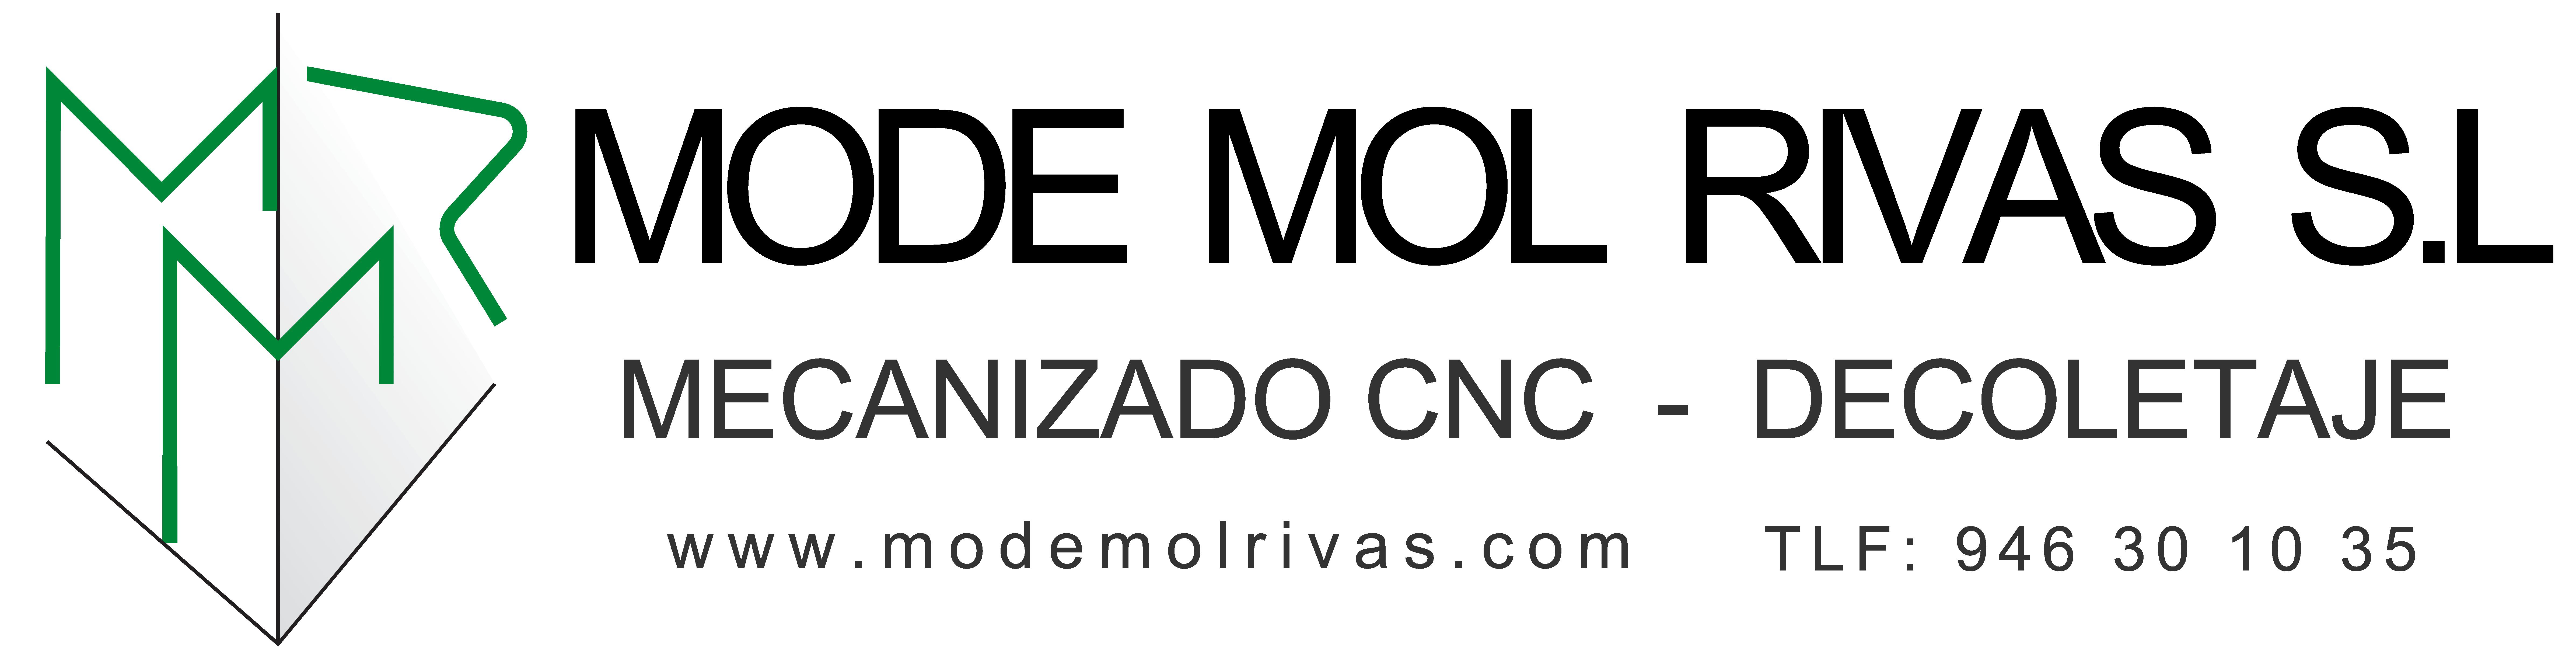 ROTULO ENTRADA 2